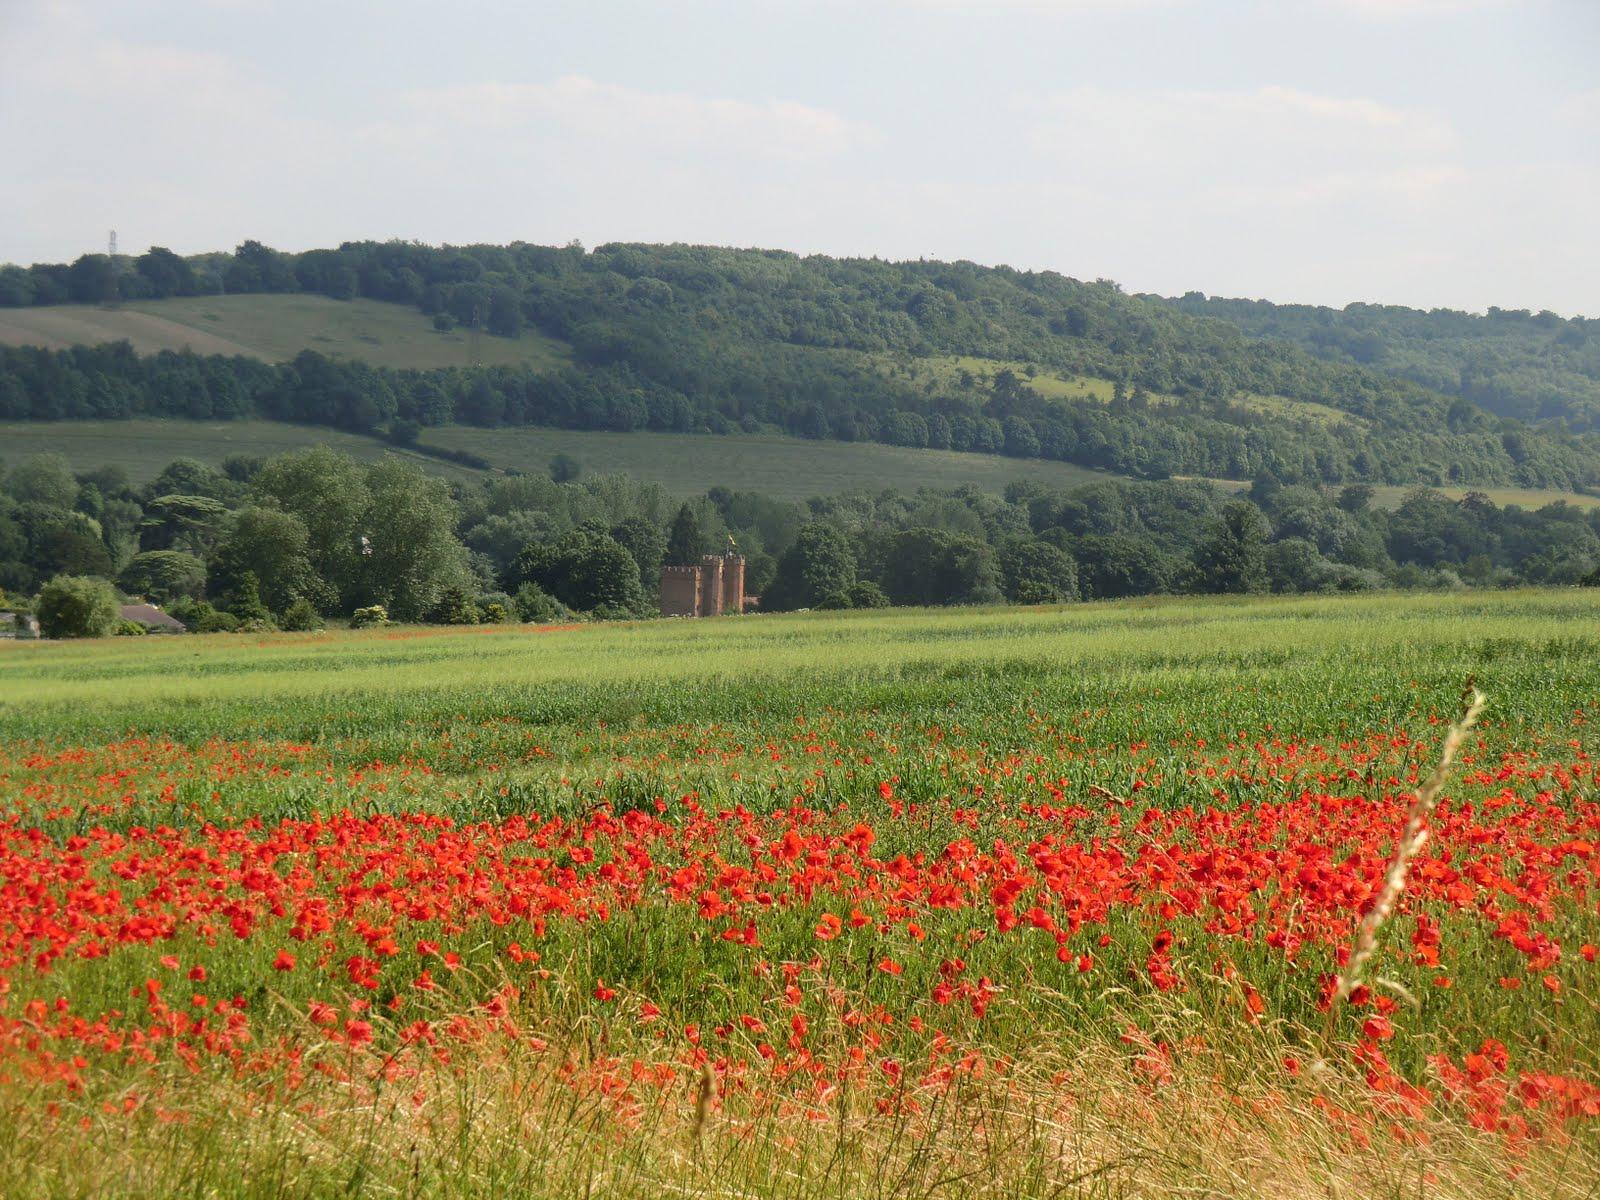 CIMG7514 Poppy field above Lullingstone Castle